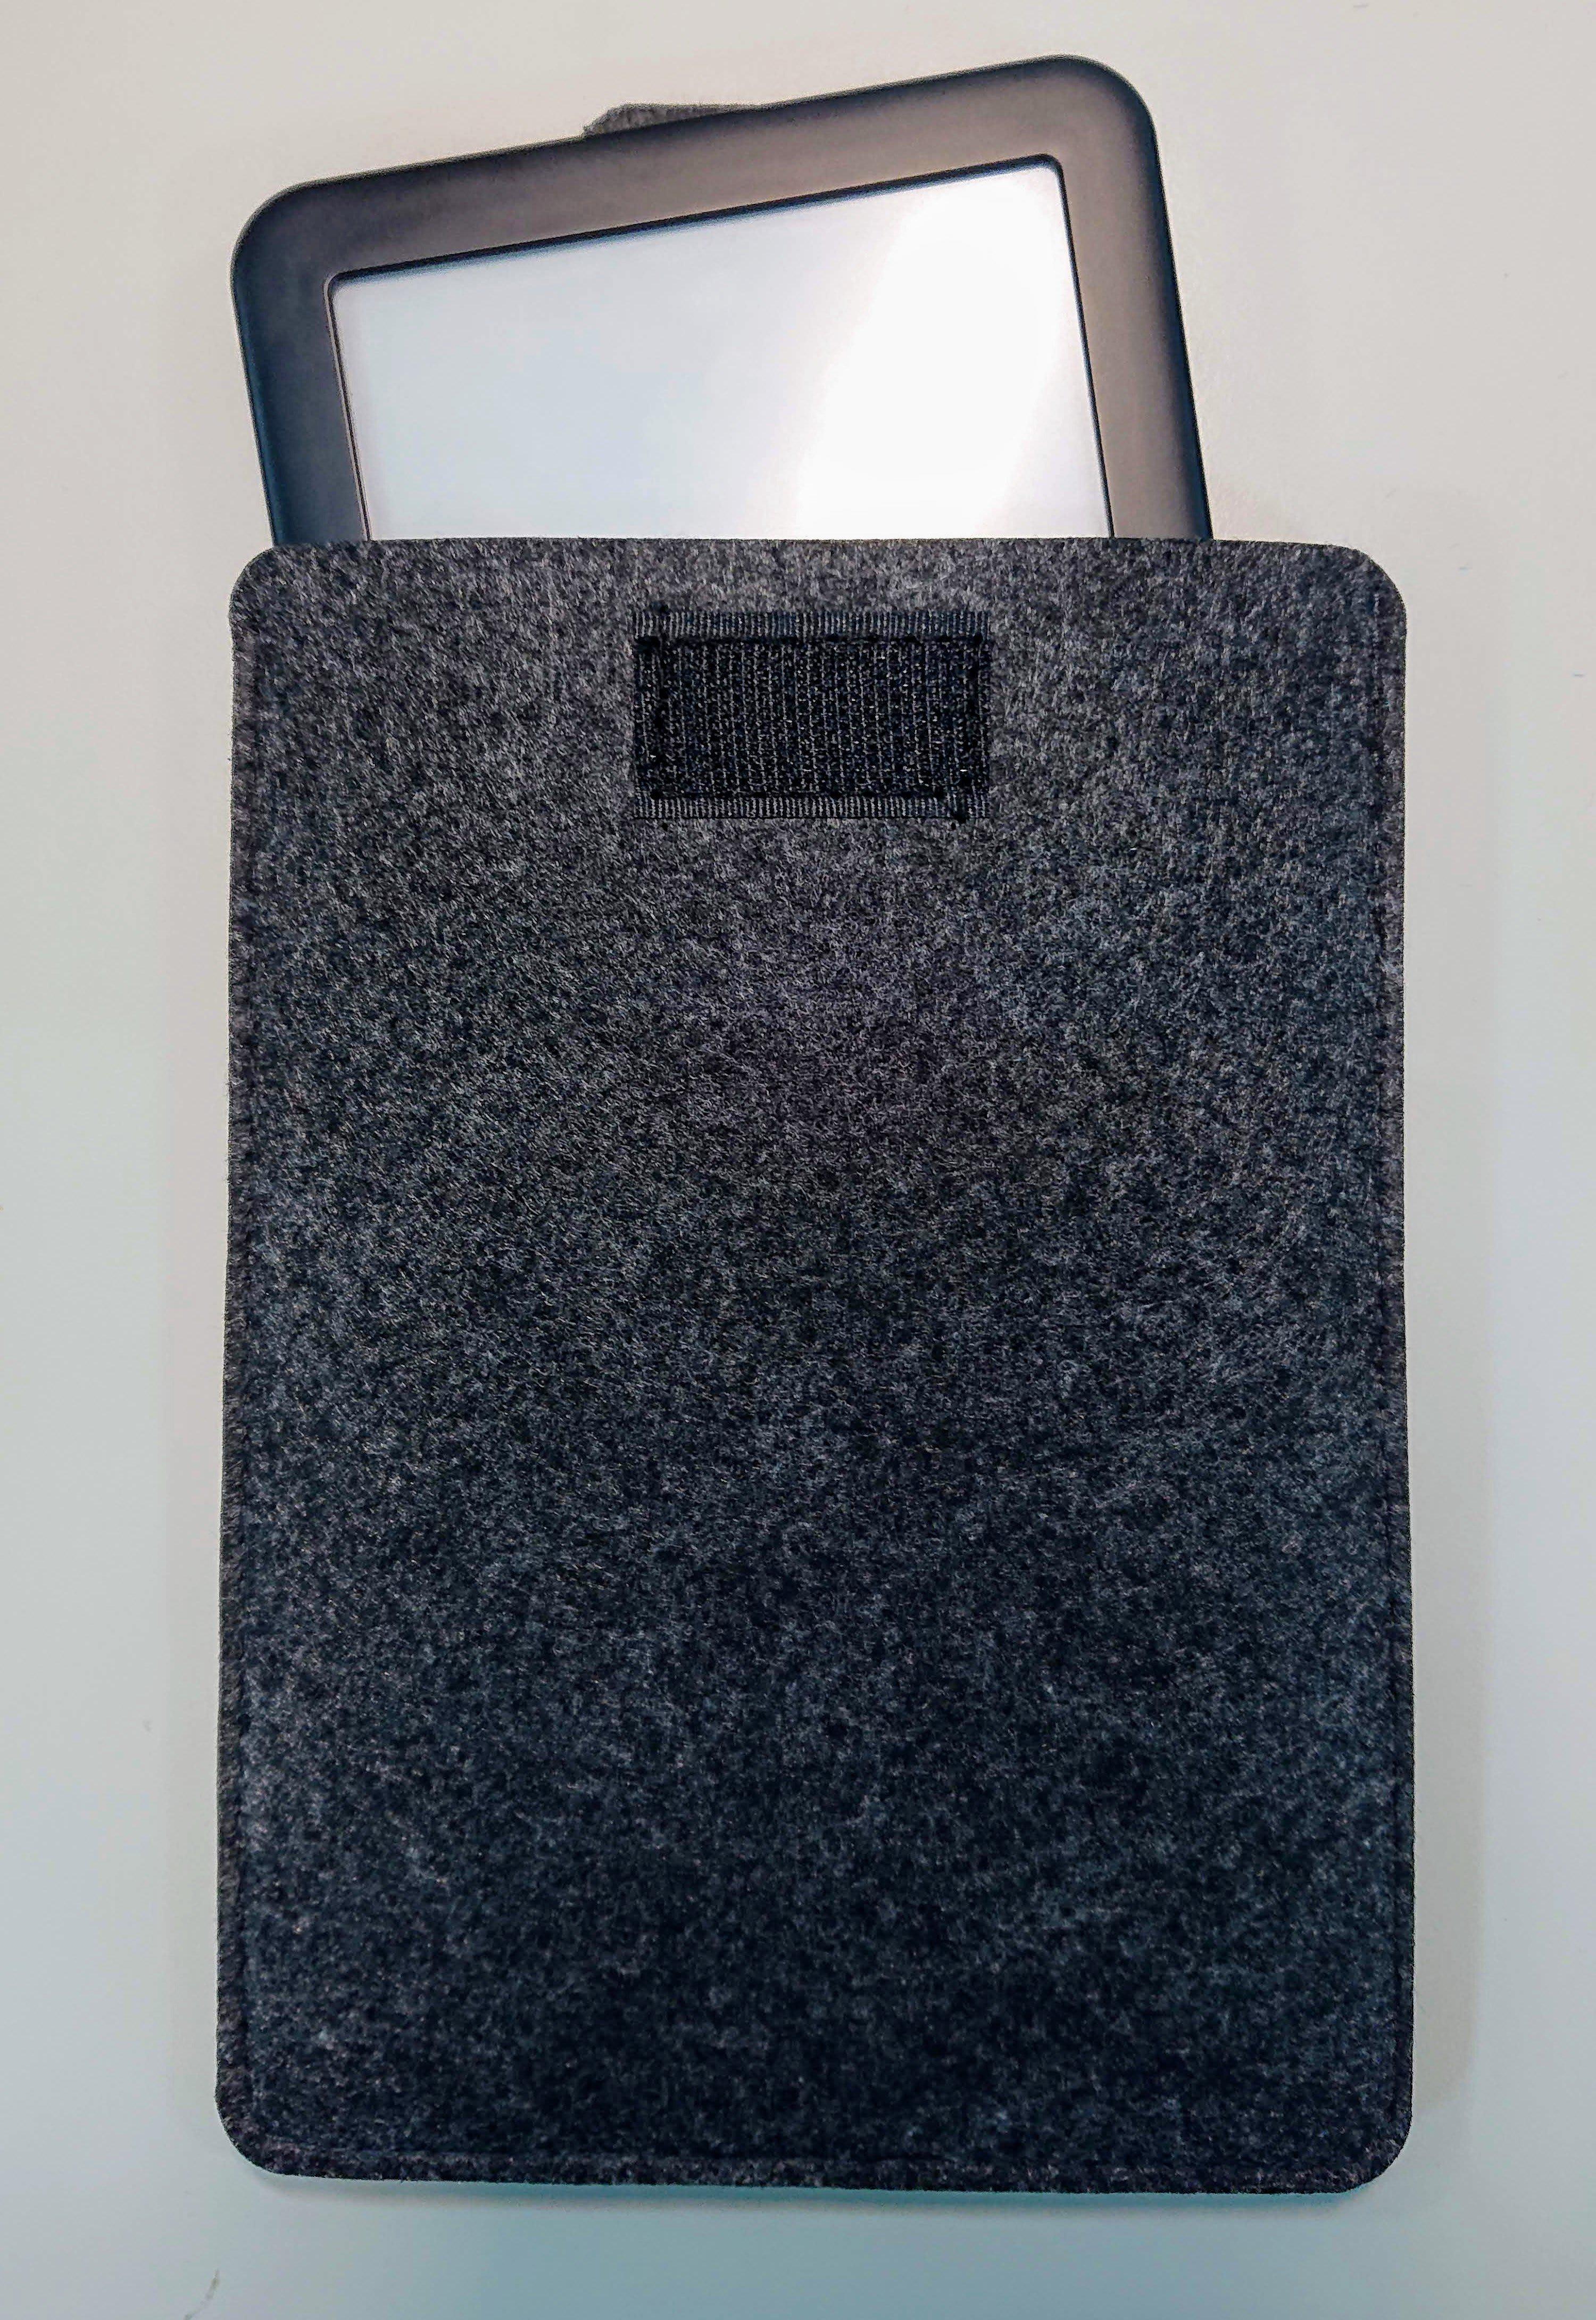 6吋 電子書閱讀器 平板電腦 保護套收納袋 Kindle Paperwhite kobo mooink readmoo